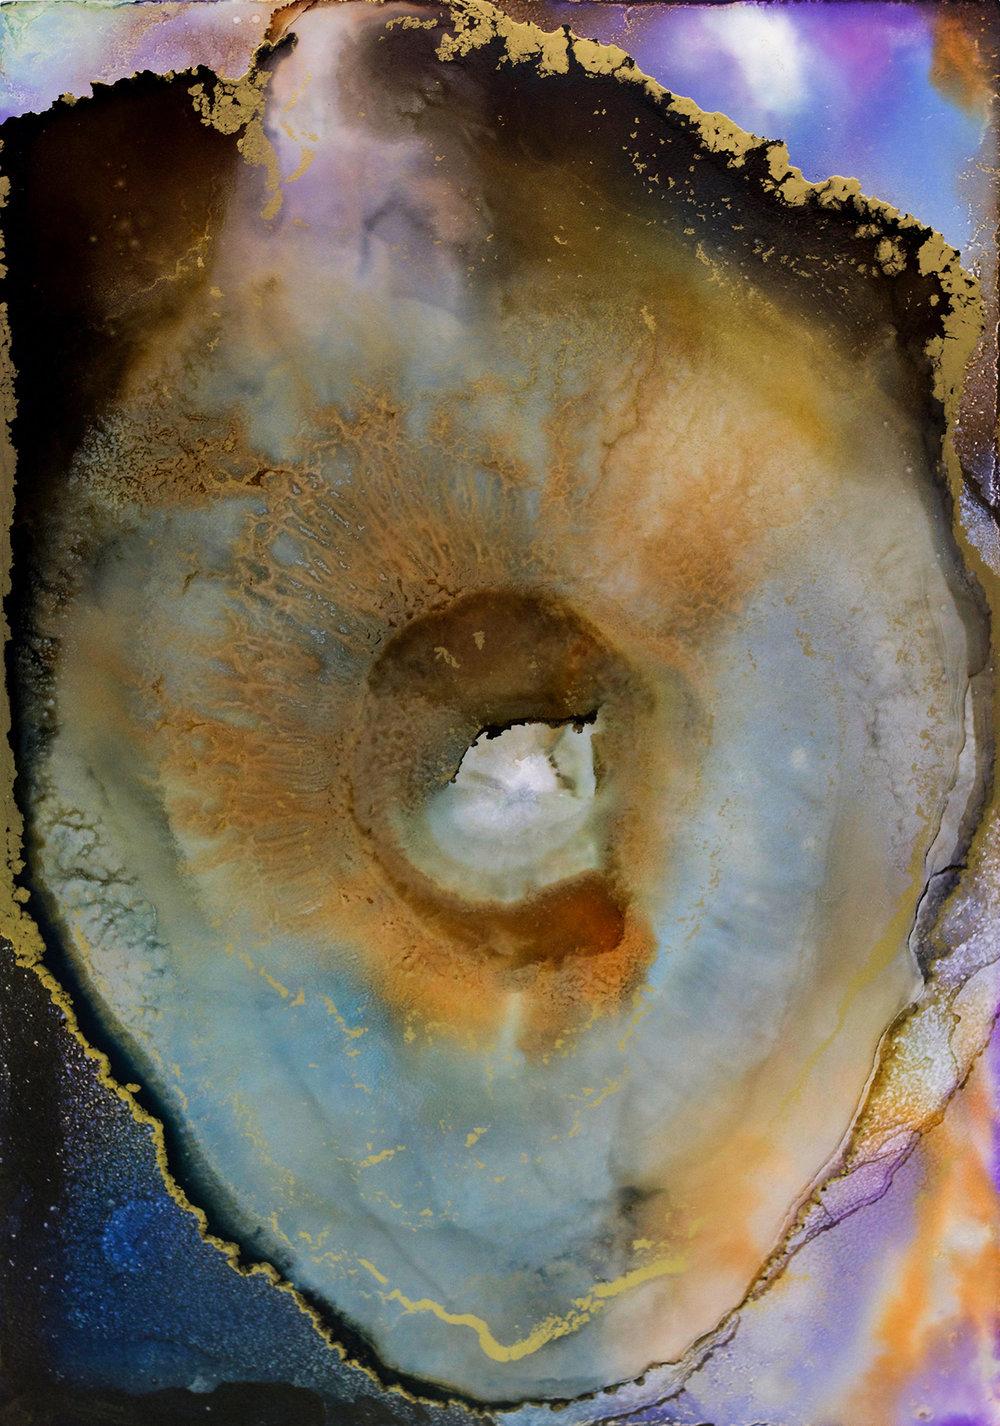 030117ai Geode 24x36 WEB.jpg